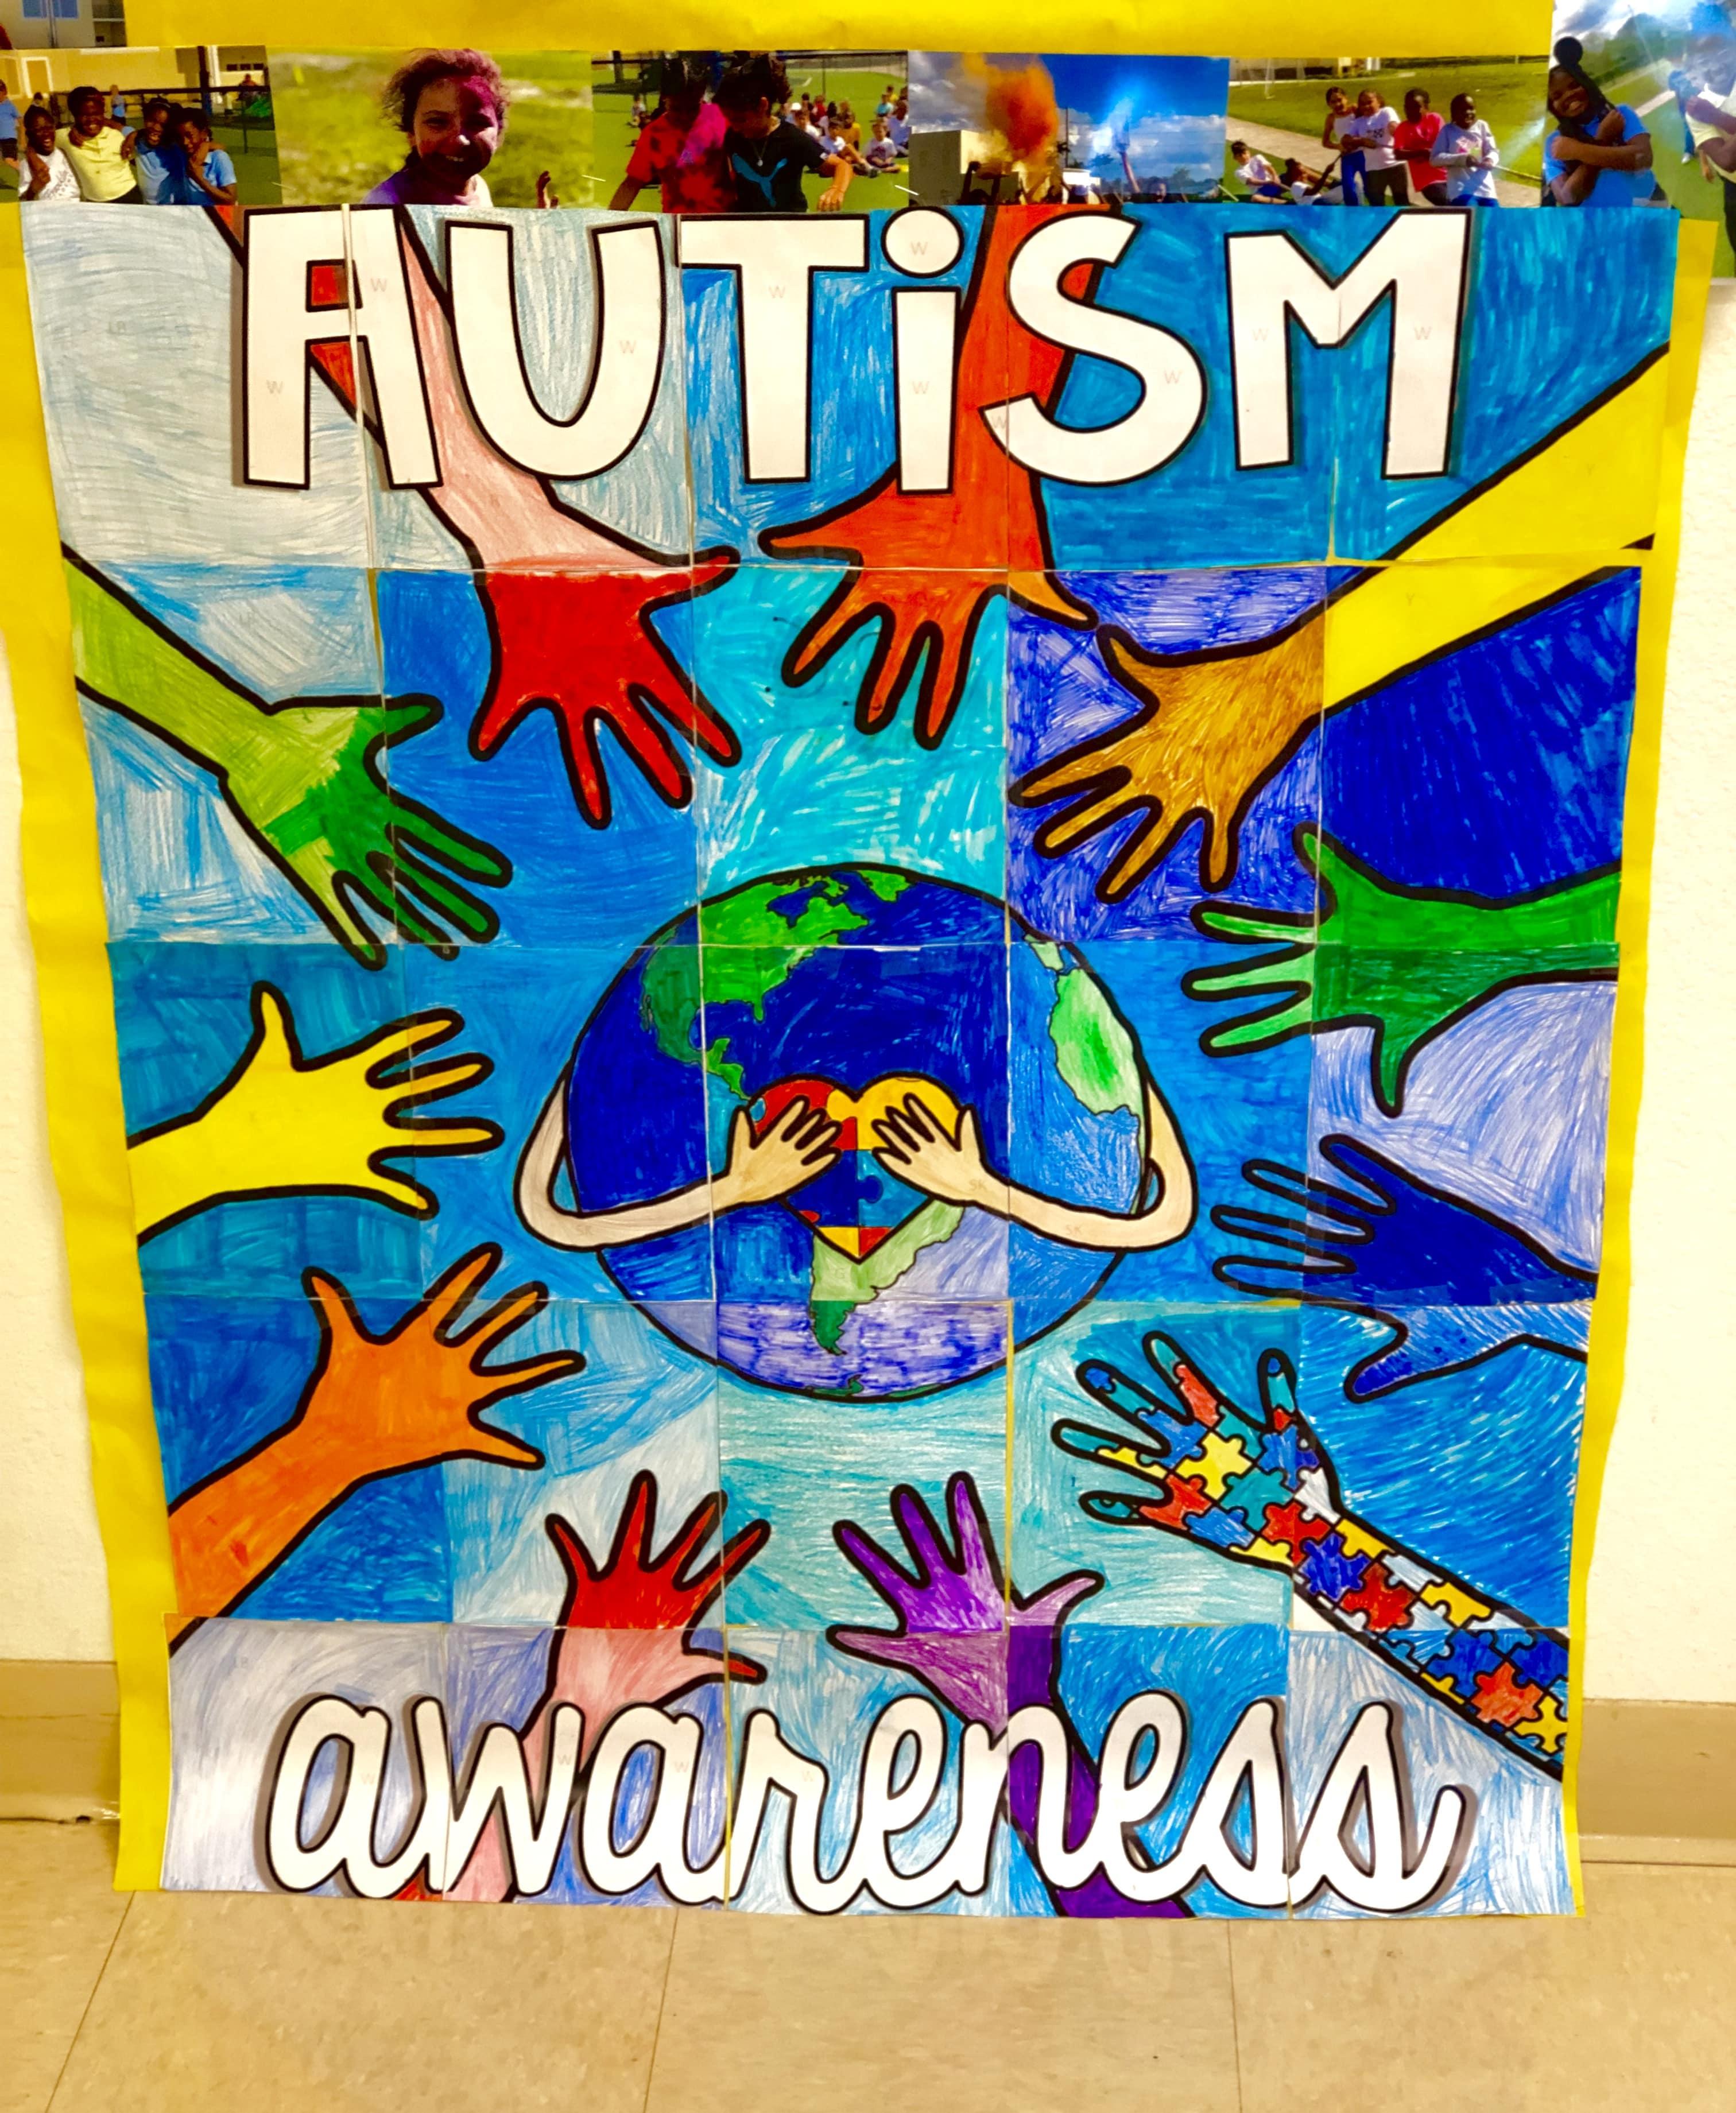 Autism Awareness Image number 6